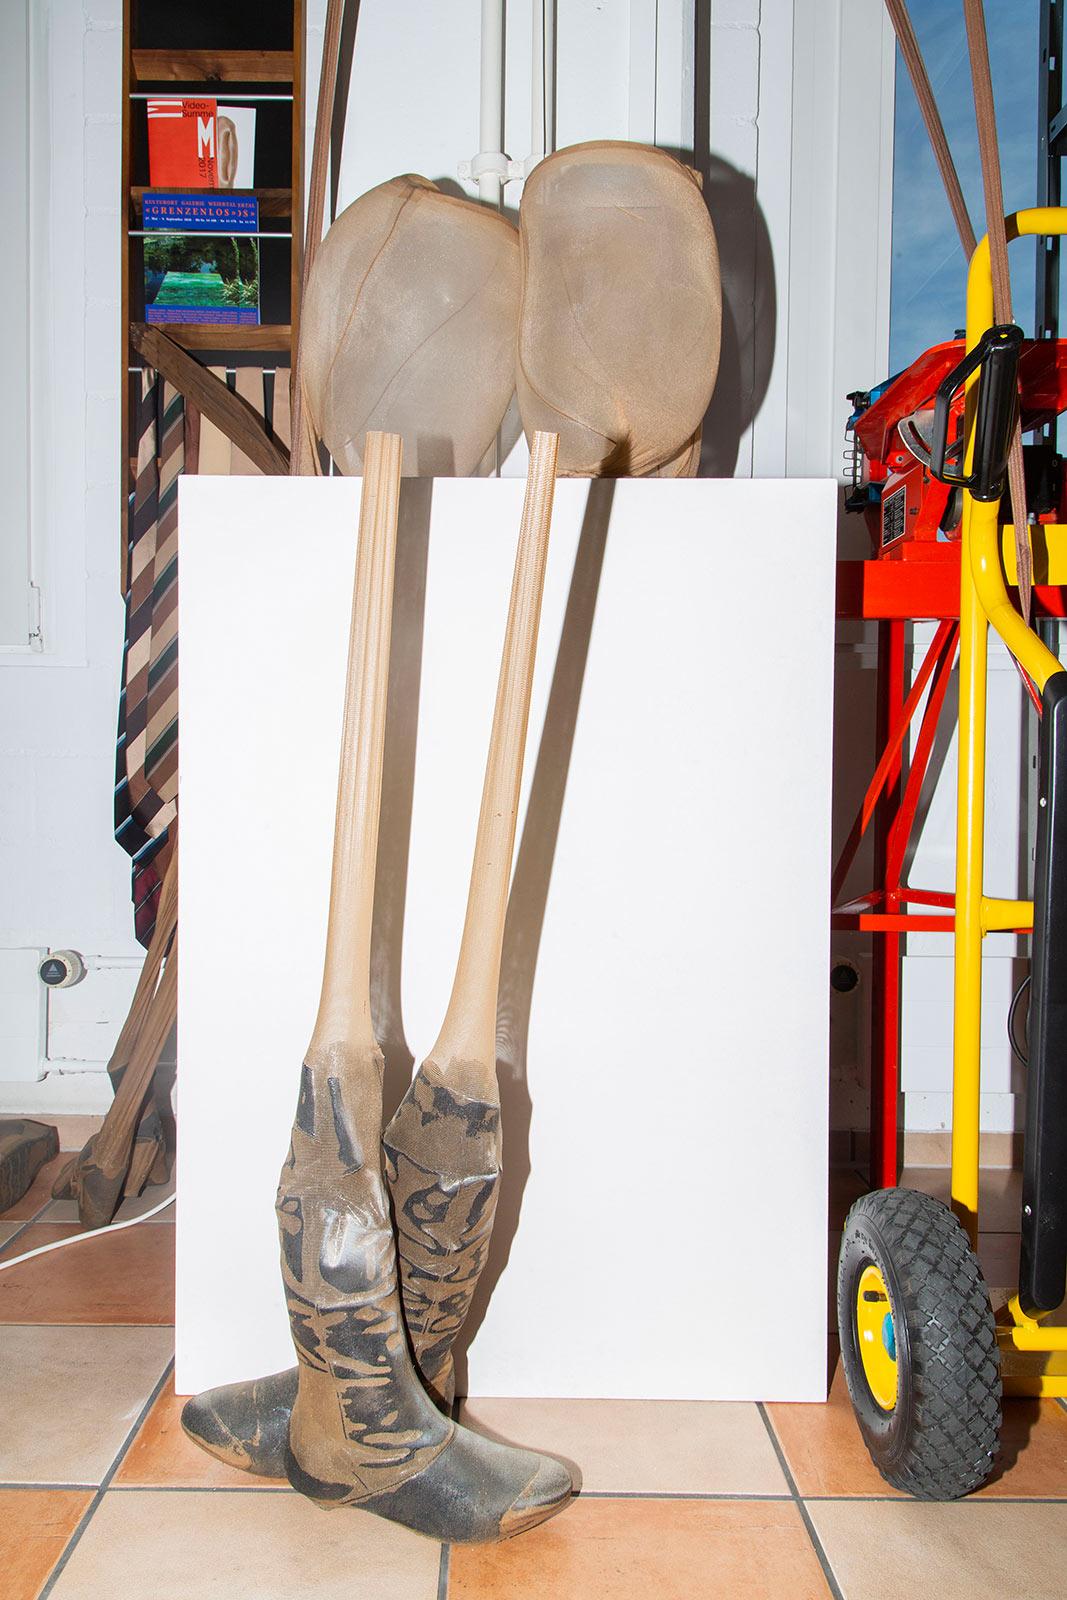 Strumpfobjekt auf einem Sockel mit einem Teilstück aus einer Installation davor mit Stiefeln und einem darübergezogenem Strumpf